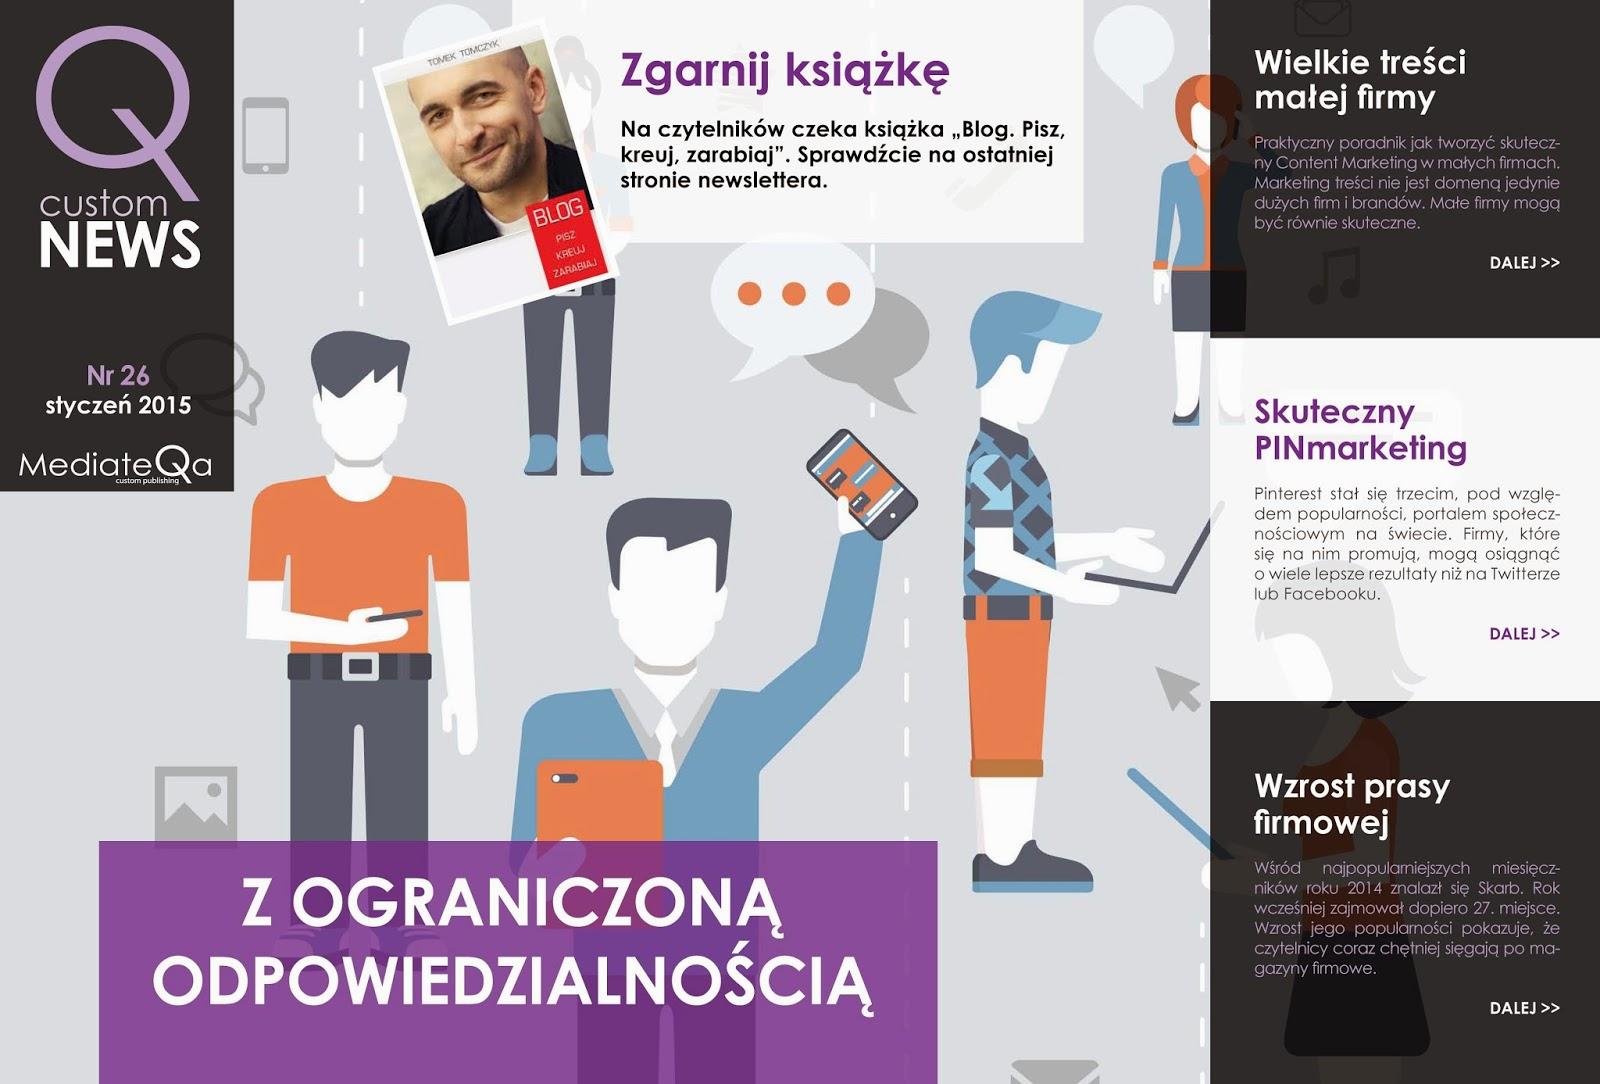 http://www.mediateqa.pl/newsletter/nr26/